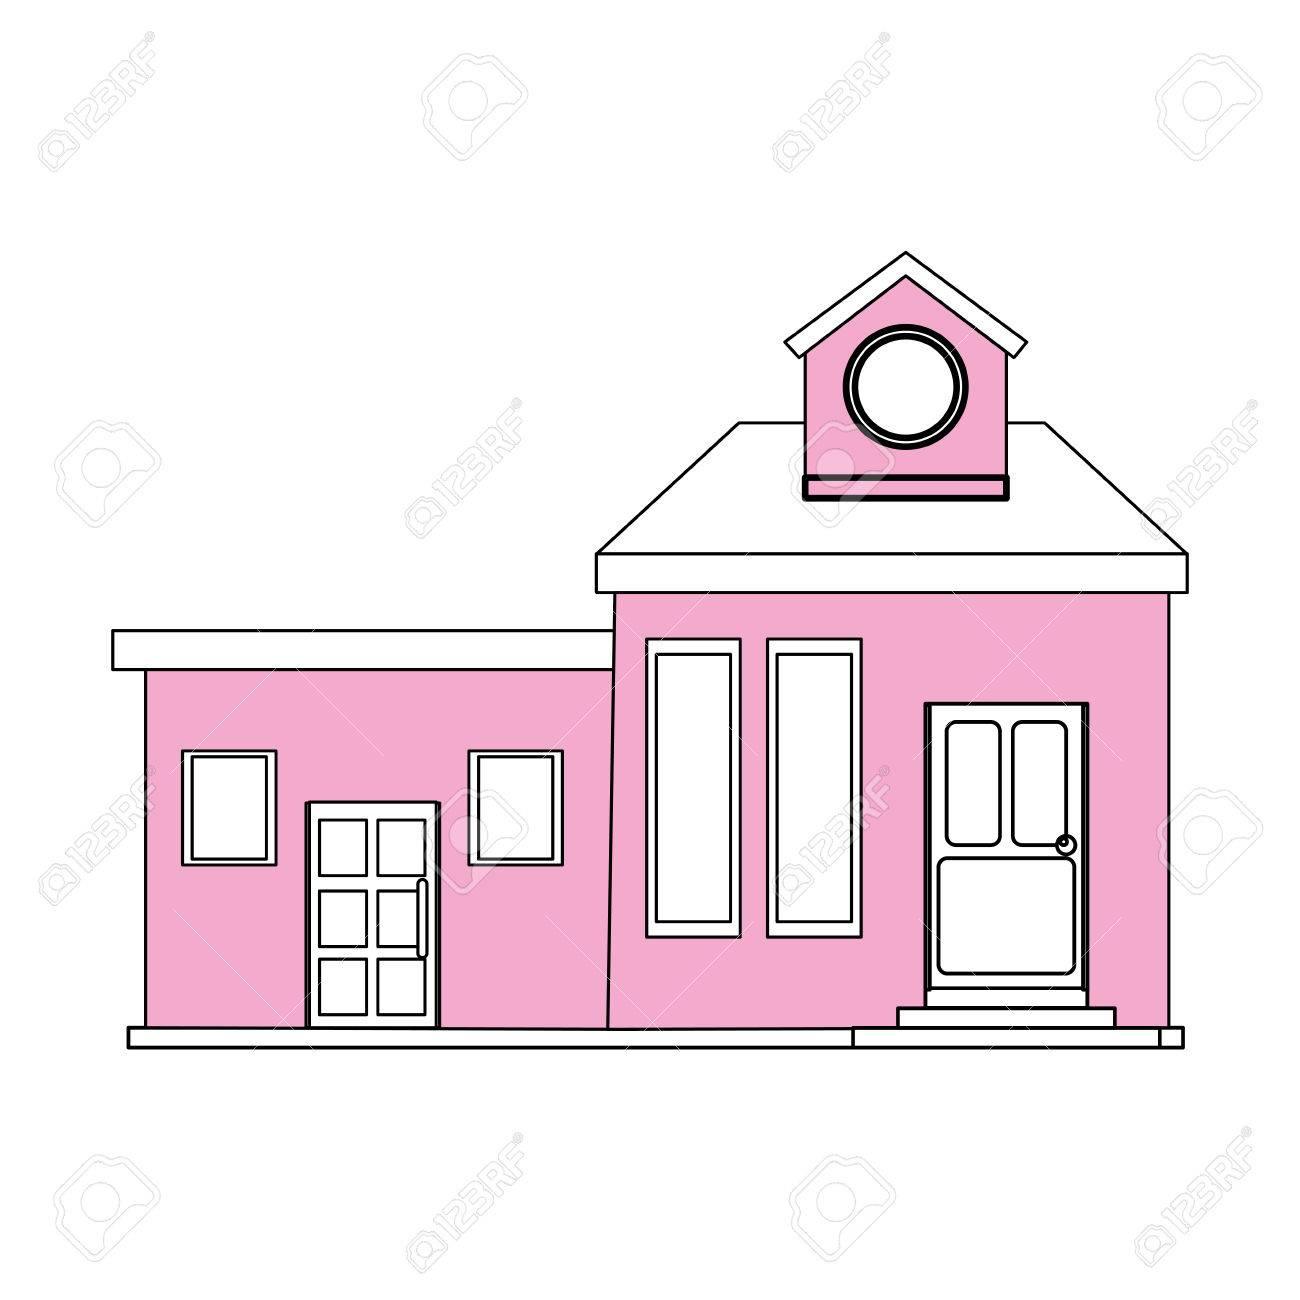 Couleur Silhouette Dessin Animé Façade Rose Maison Moderne Avec Deux Chambres Et Grenier Illustration Vectorielle